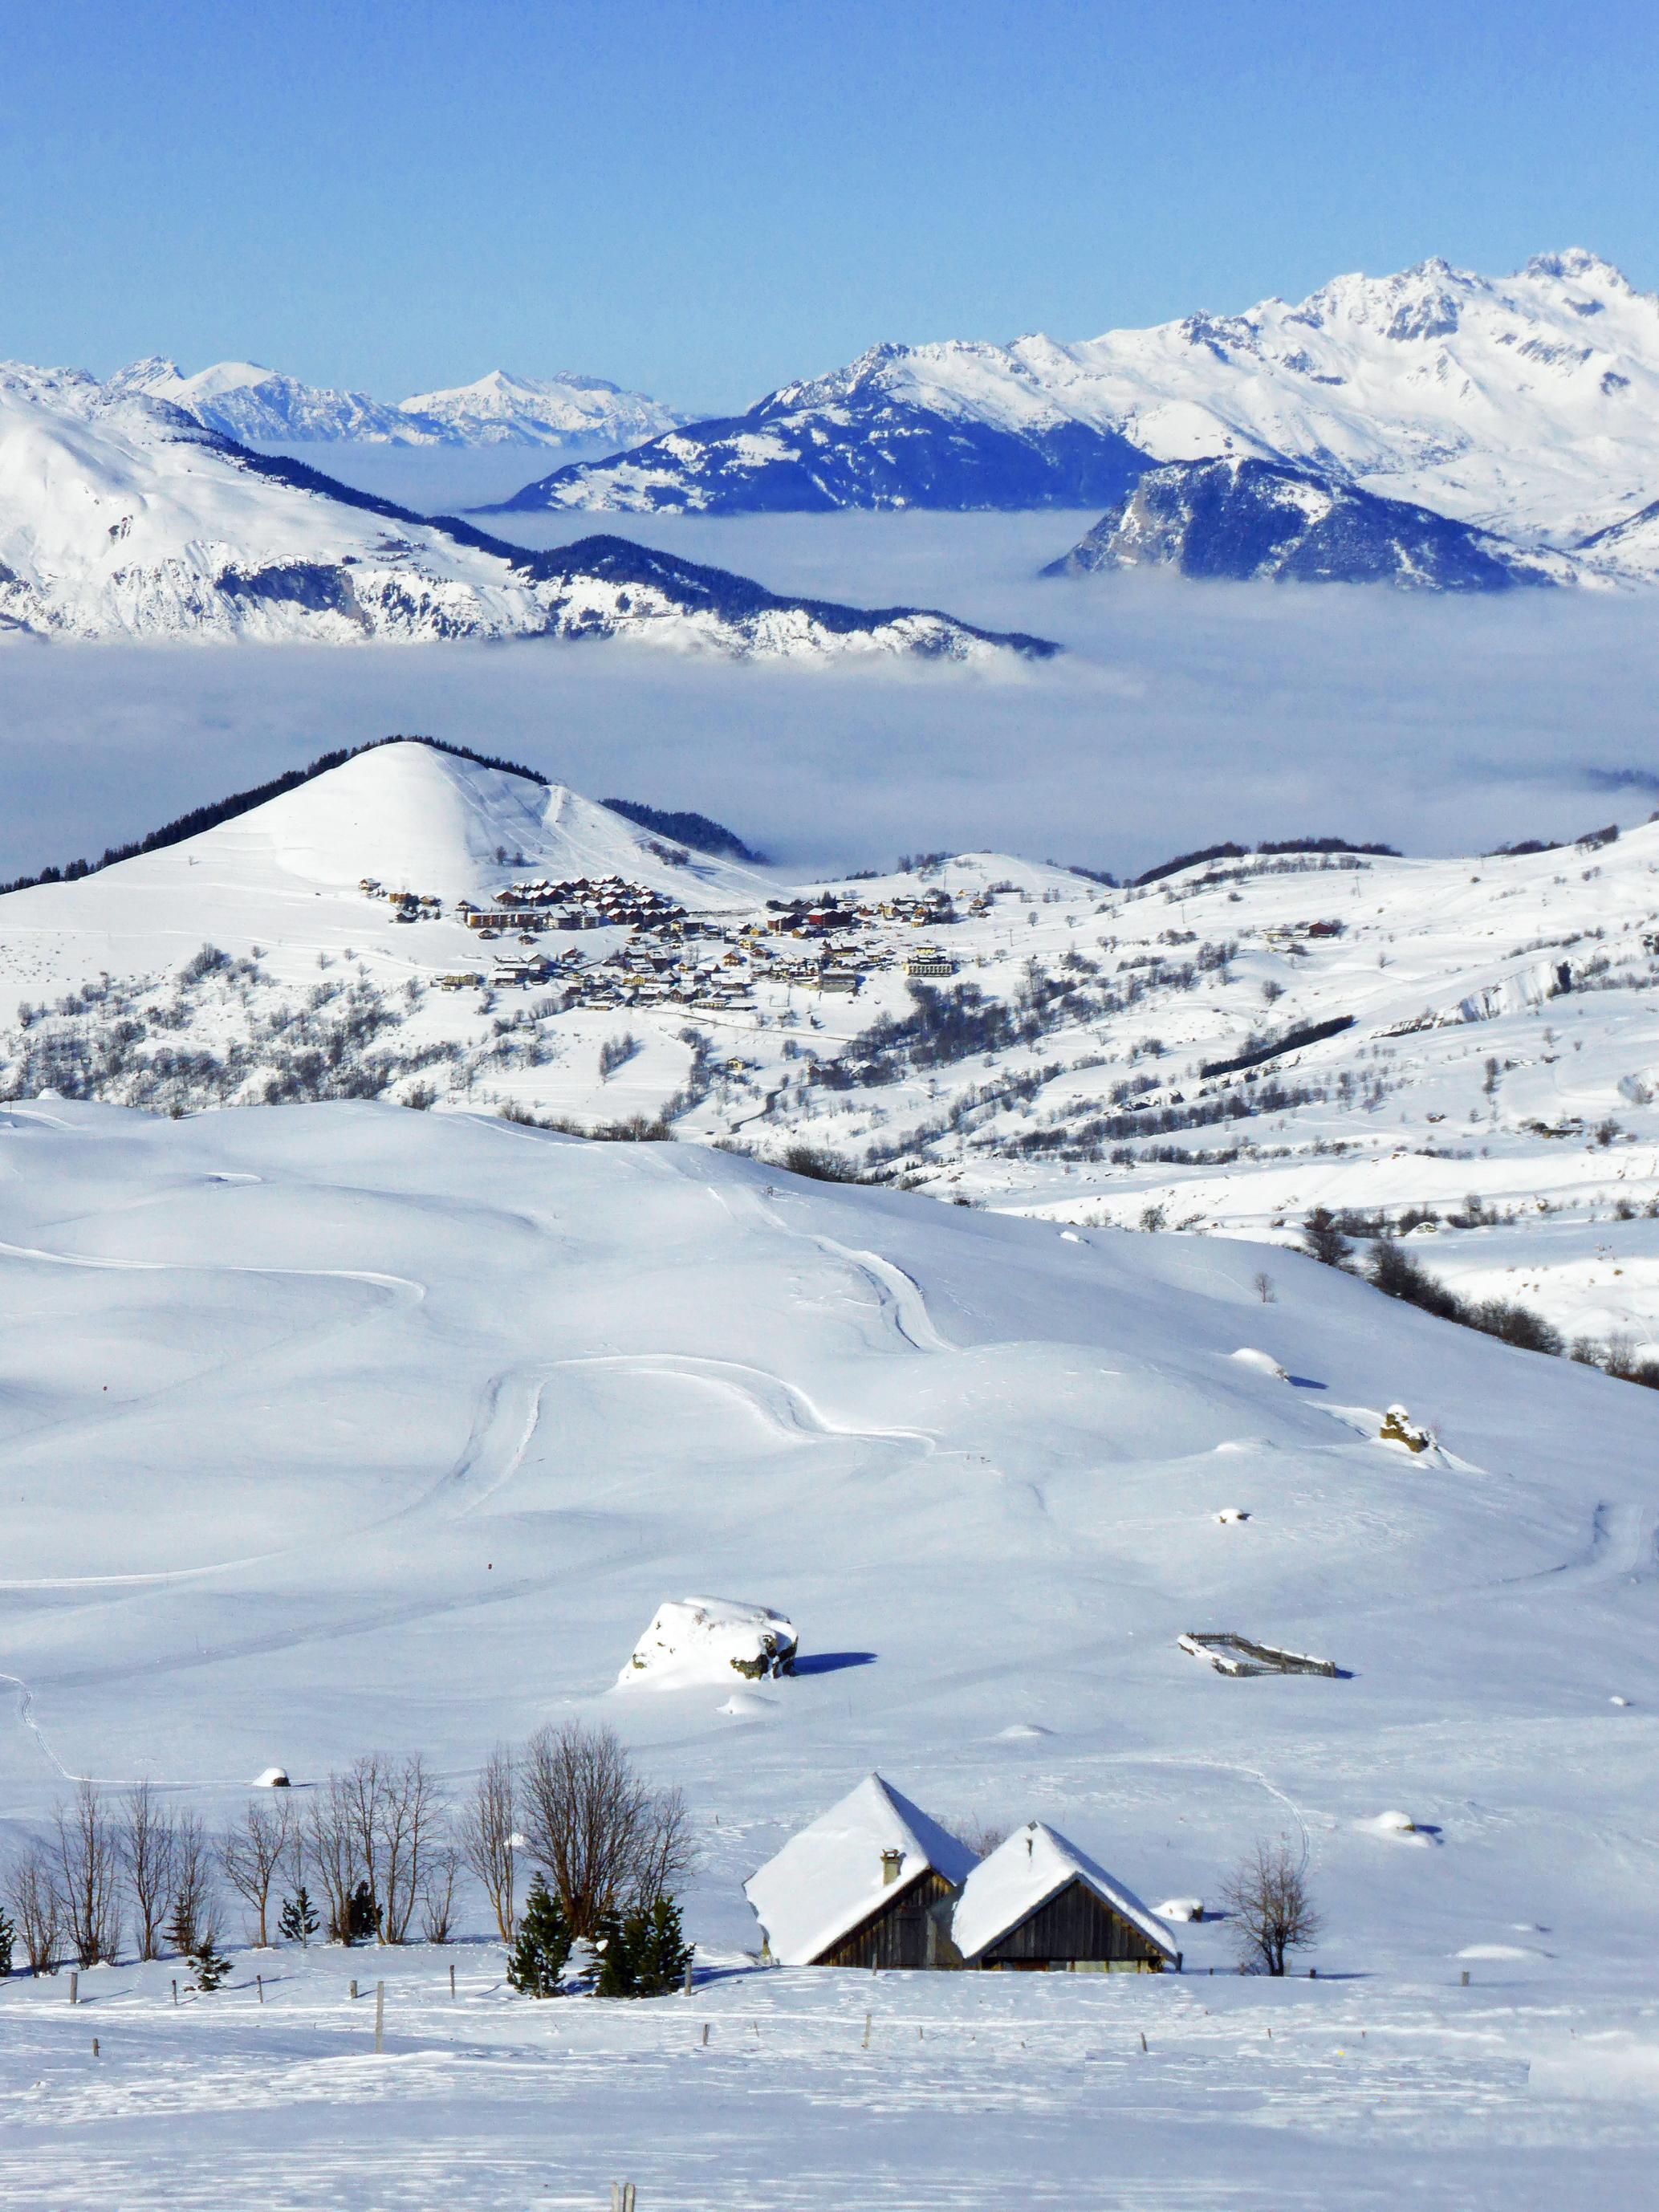 La mer du nuage et le panorama depuis le chalet d'alpage © Yves Vionnet